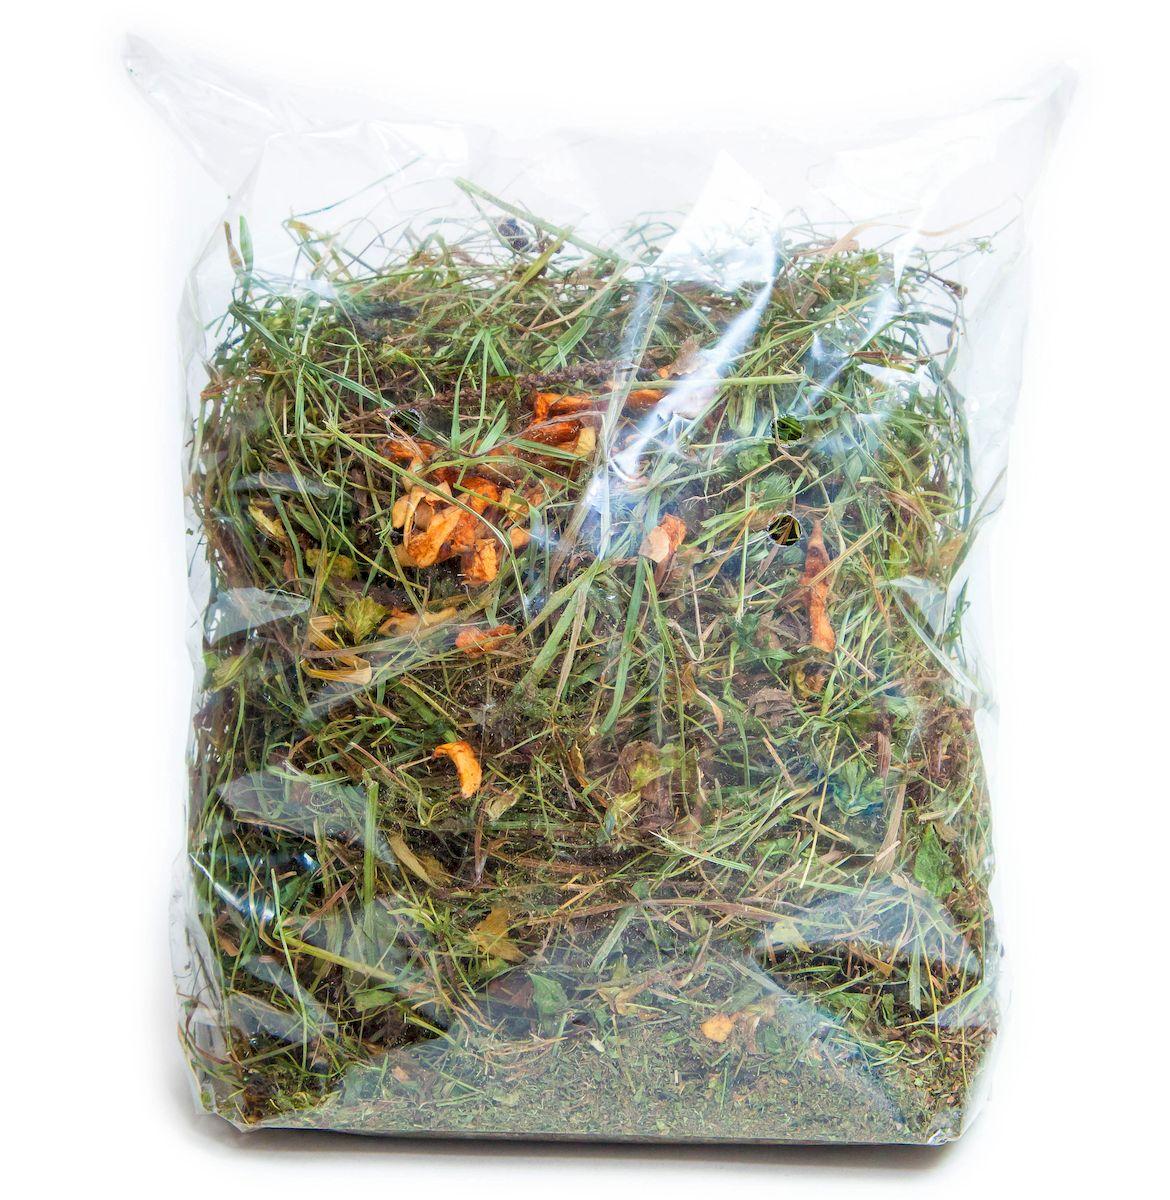 Сено луговое для грызунов Престиж Люкс, с овощами и фруктами0120710Сено для грызунов Люкс премиум класса - это луговое сено из разнотравья, обогащенное цветами, фруктами и овощами. Высушено по специальной технологии, без прямых солнечных лучей, что позволяет сохранить натуральный зеленый цвет травы, витамины и микроэлементы, которые так необходимы для правильного развития и здоровья домашних грызунов (шиншилл, кроликов, морских свинок, хомяков). В качестве лакомства добавлены сушеные фрукты и овощи.Рекомендации: в клетке всегда должна быть вода. Норму потребления грызуны регулируют самостоятельно. Объем: 4 литра.